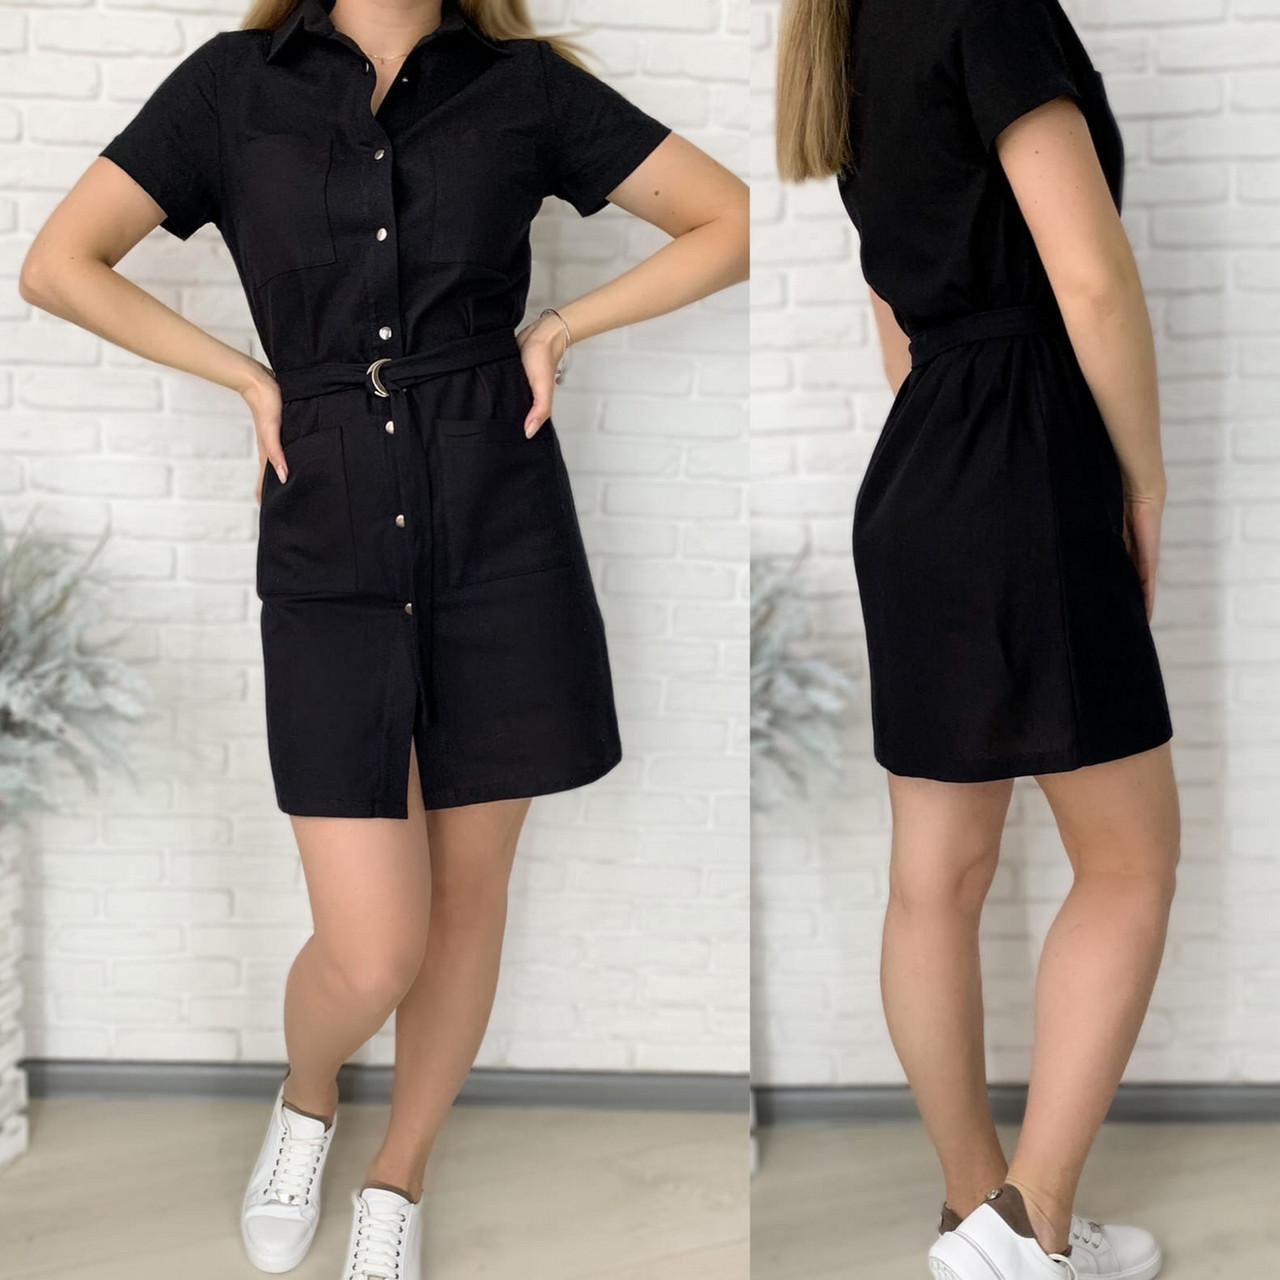 Зручне і стильне жіноче плаття-сорочка з льону з поясом, 00748 (Чорний), Розмір 50 (XXL)